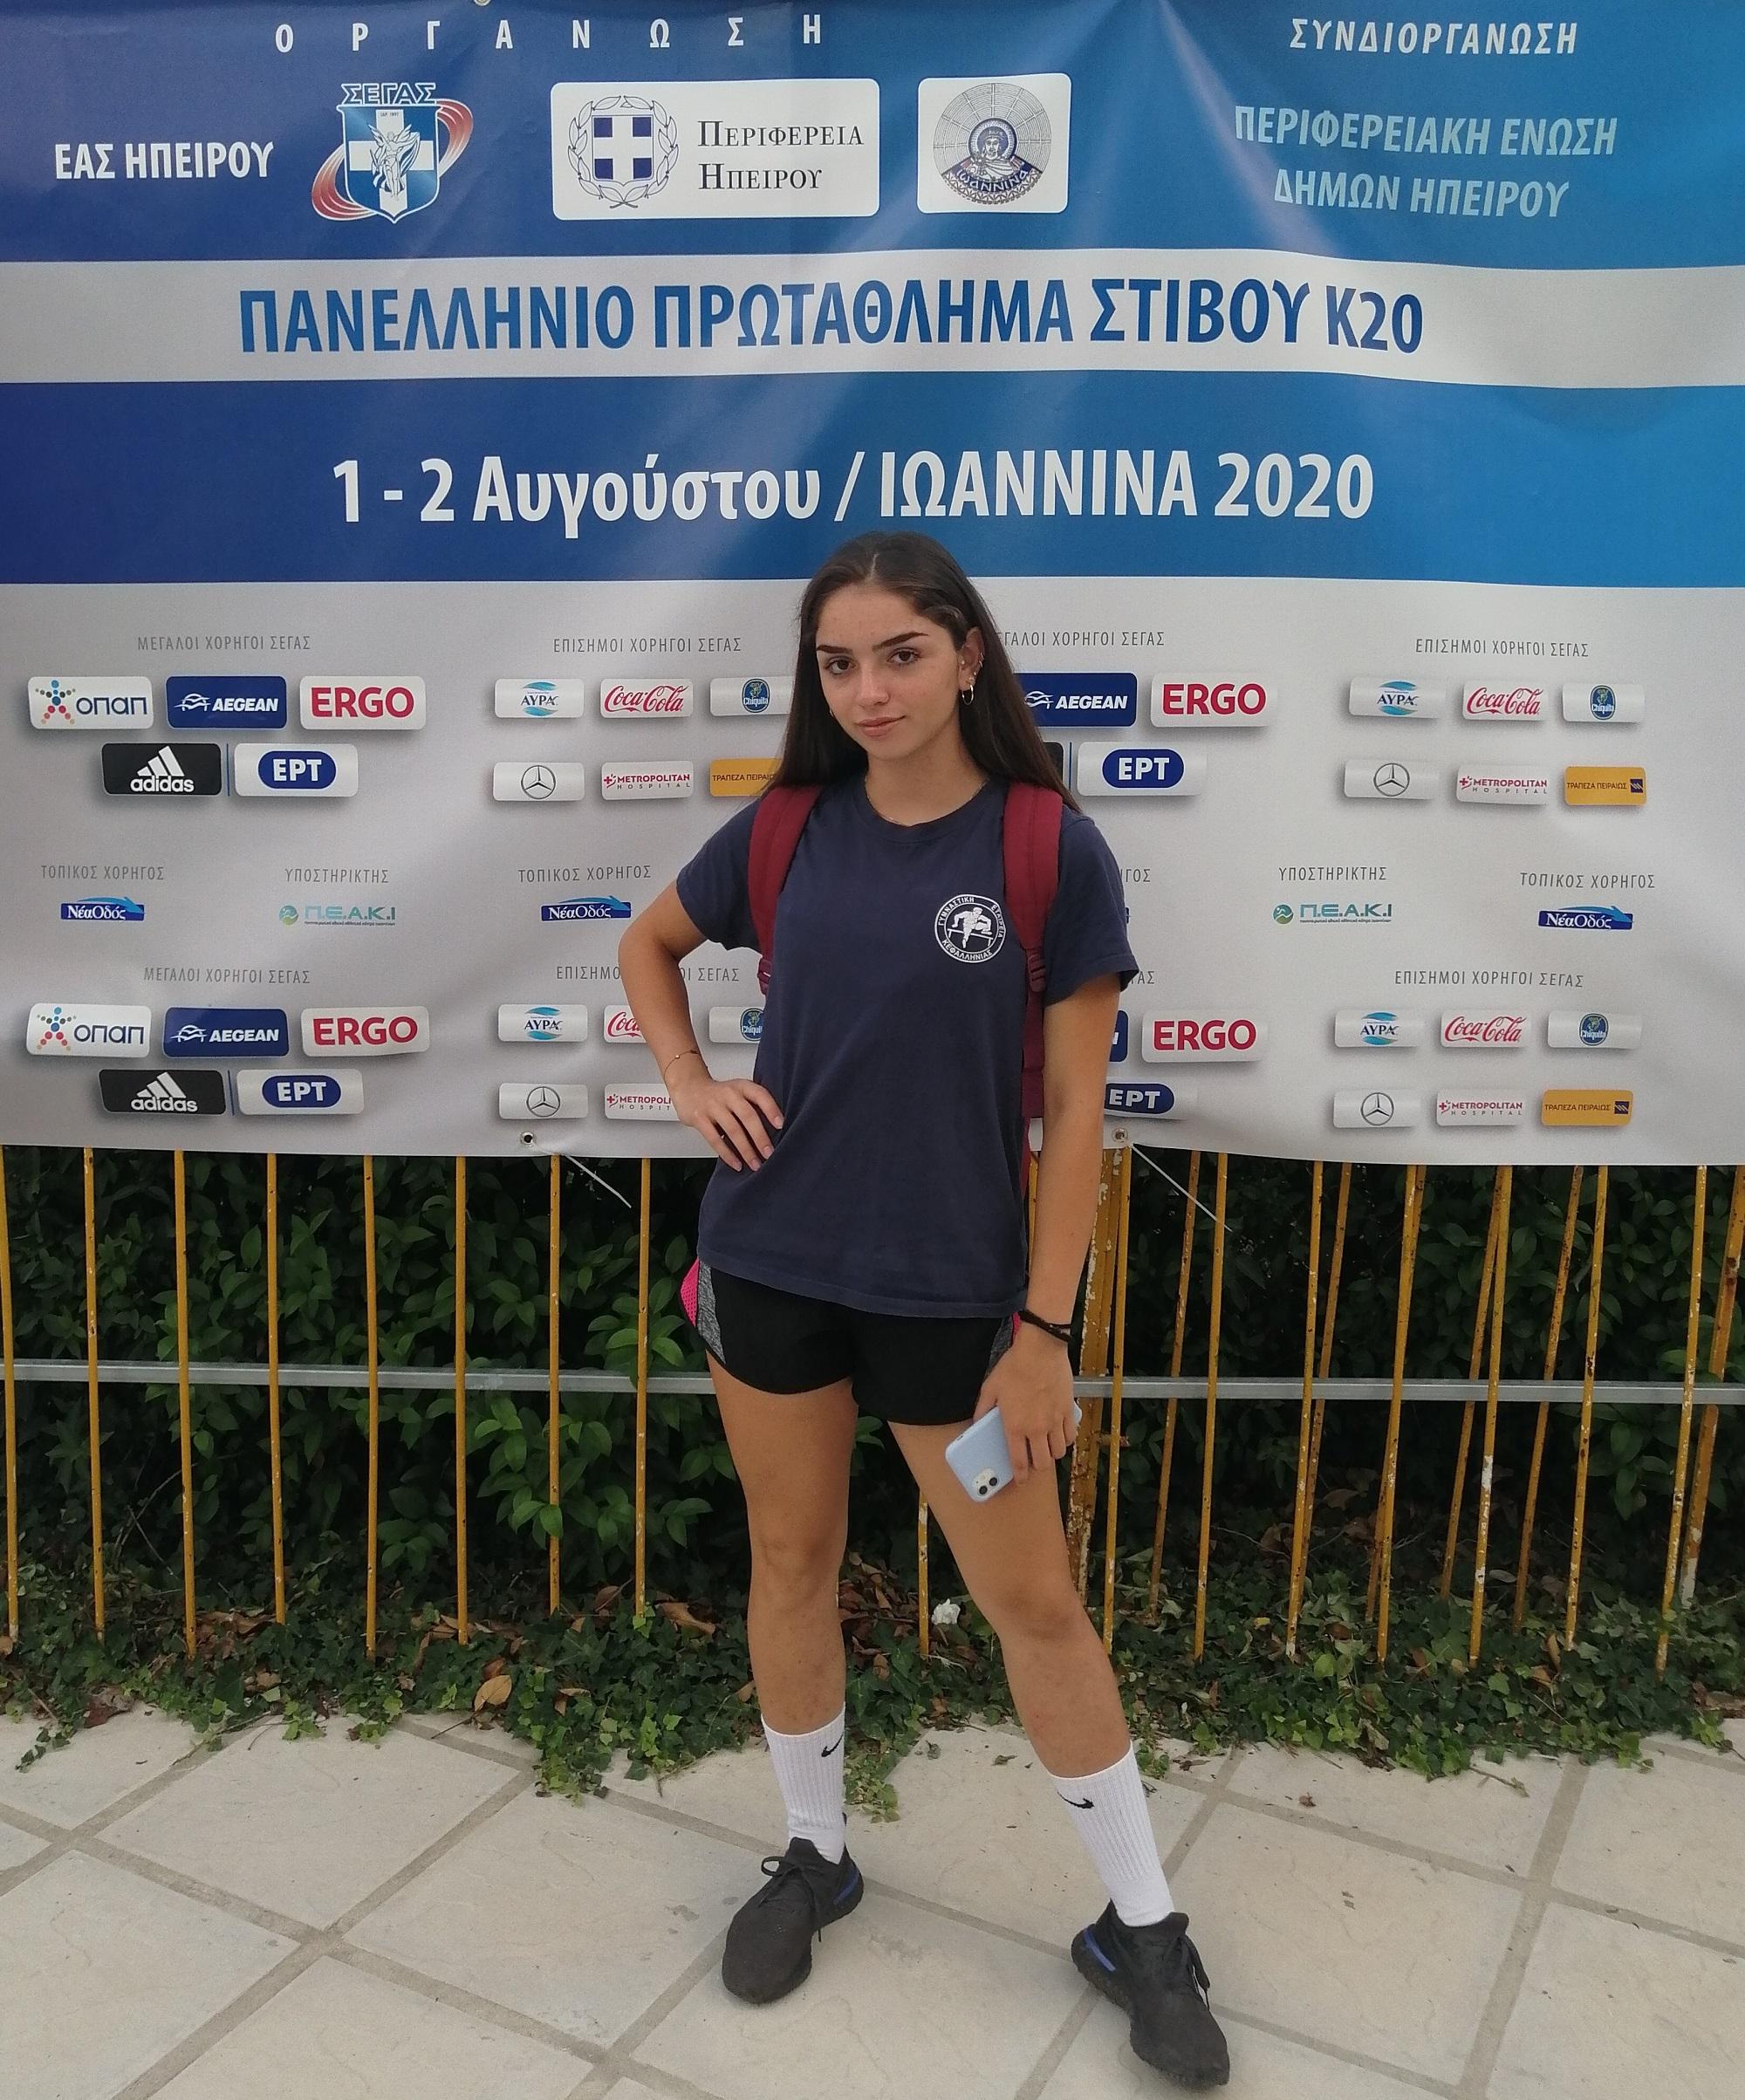 ΑΝΝΑ Κ20(1)